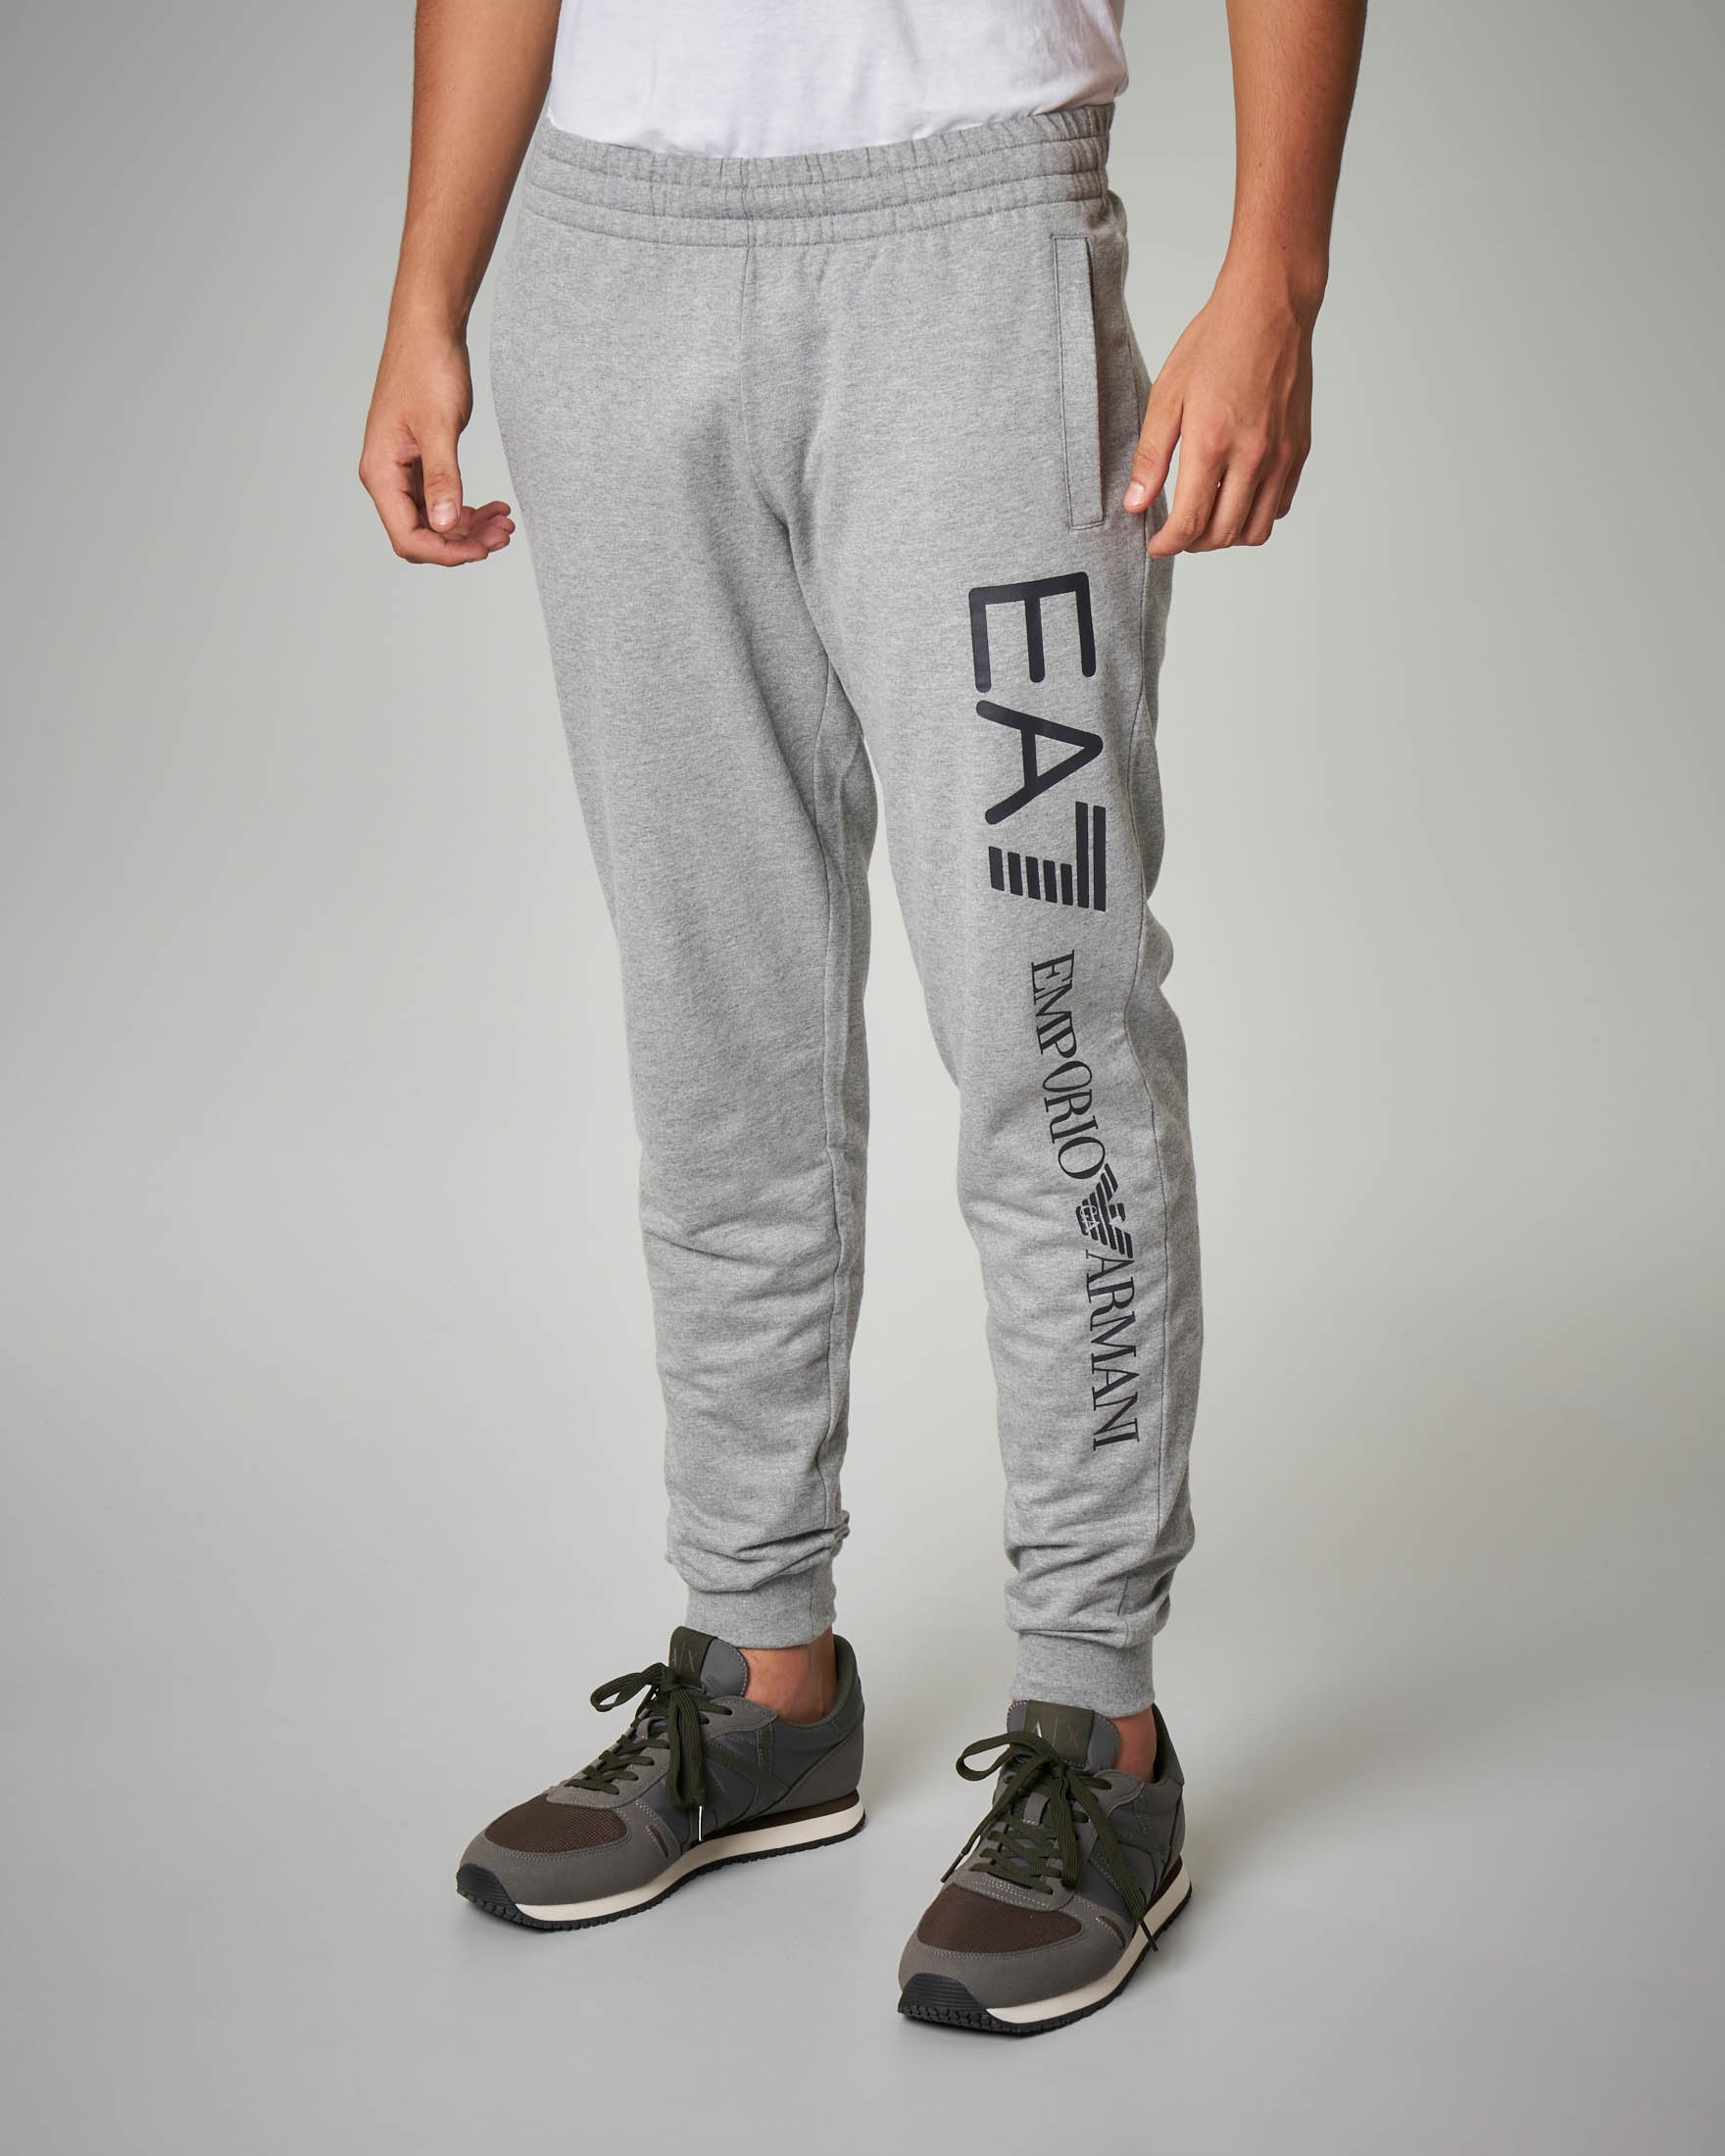 Pantalone grigio chiaro in felpa leggera maxi-logo